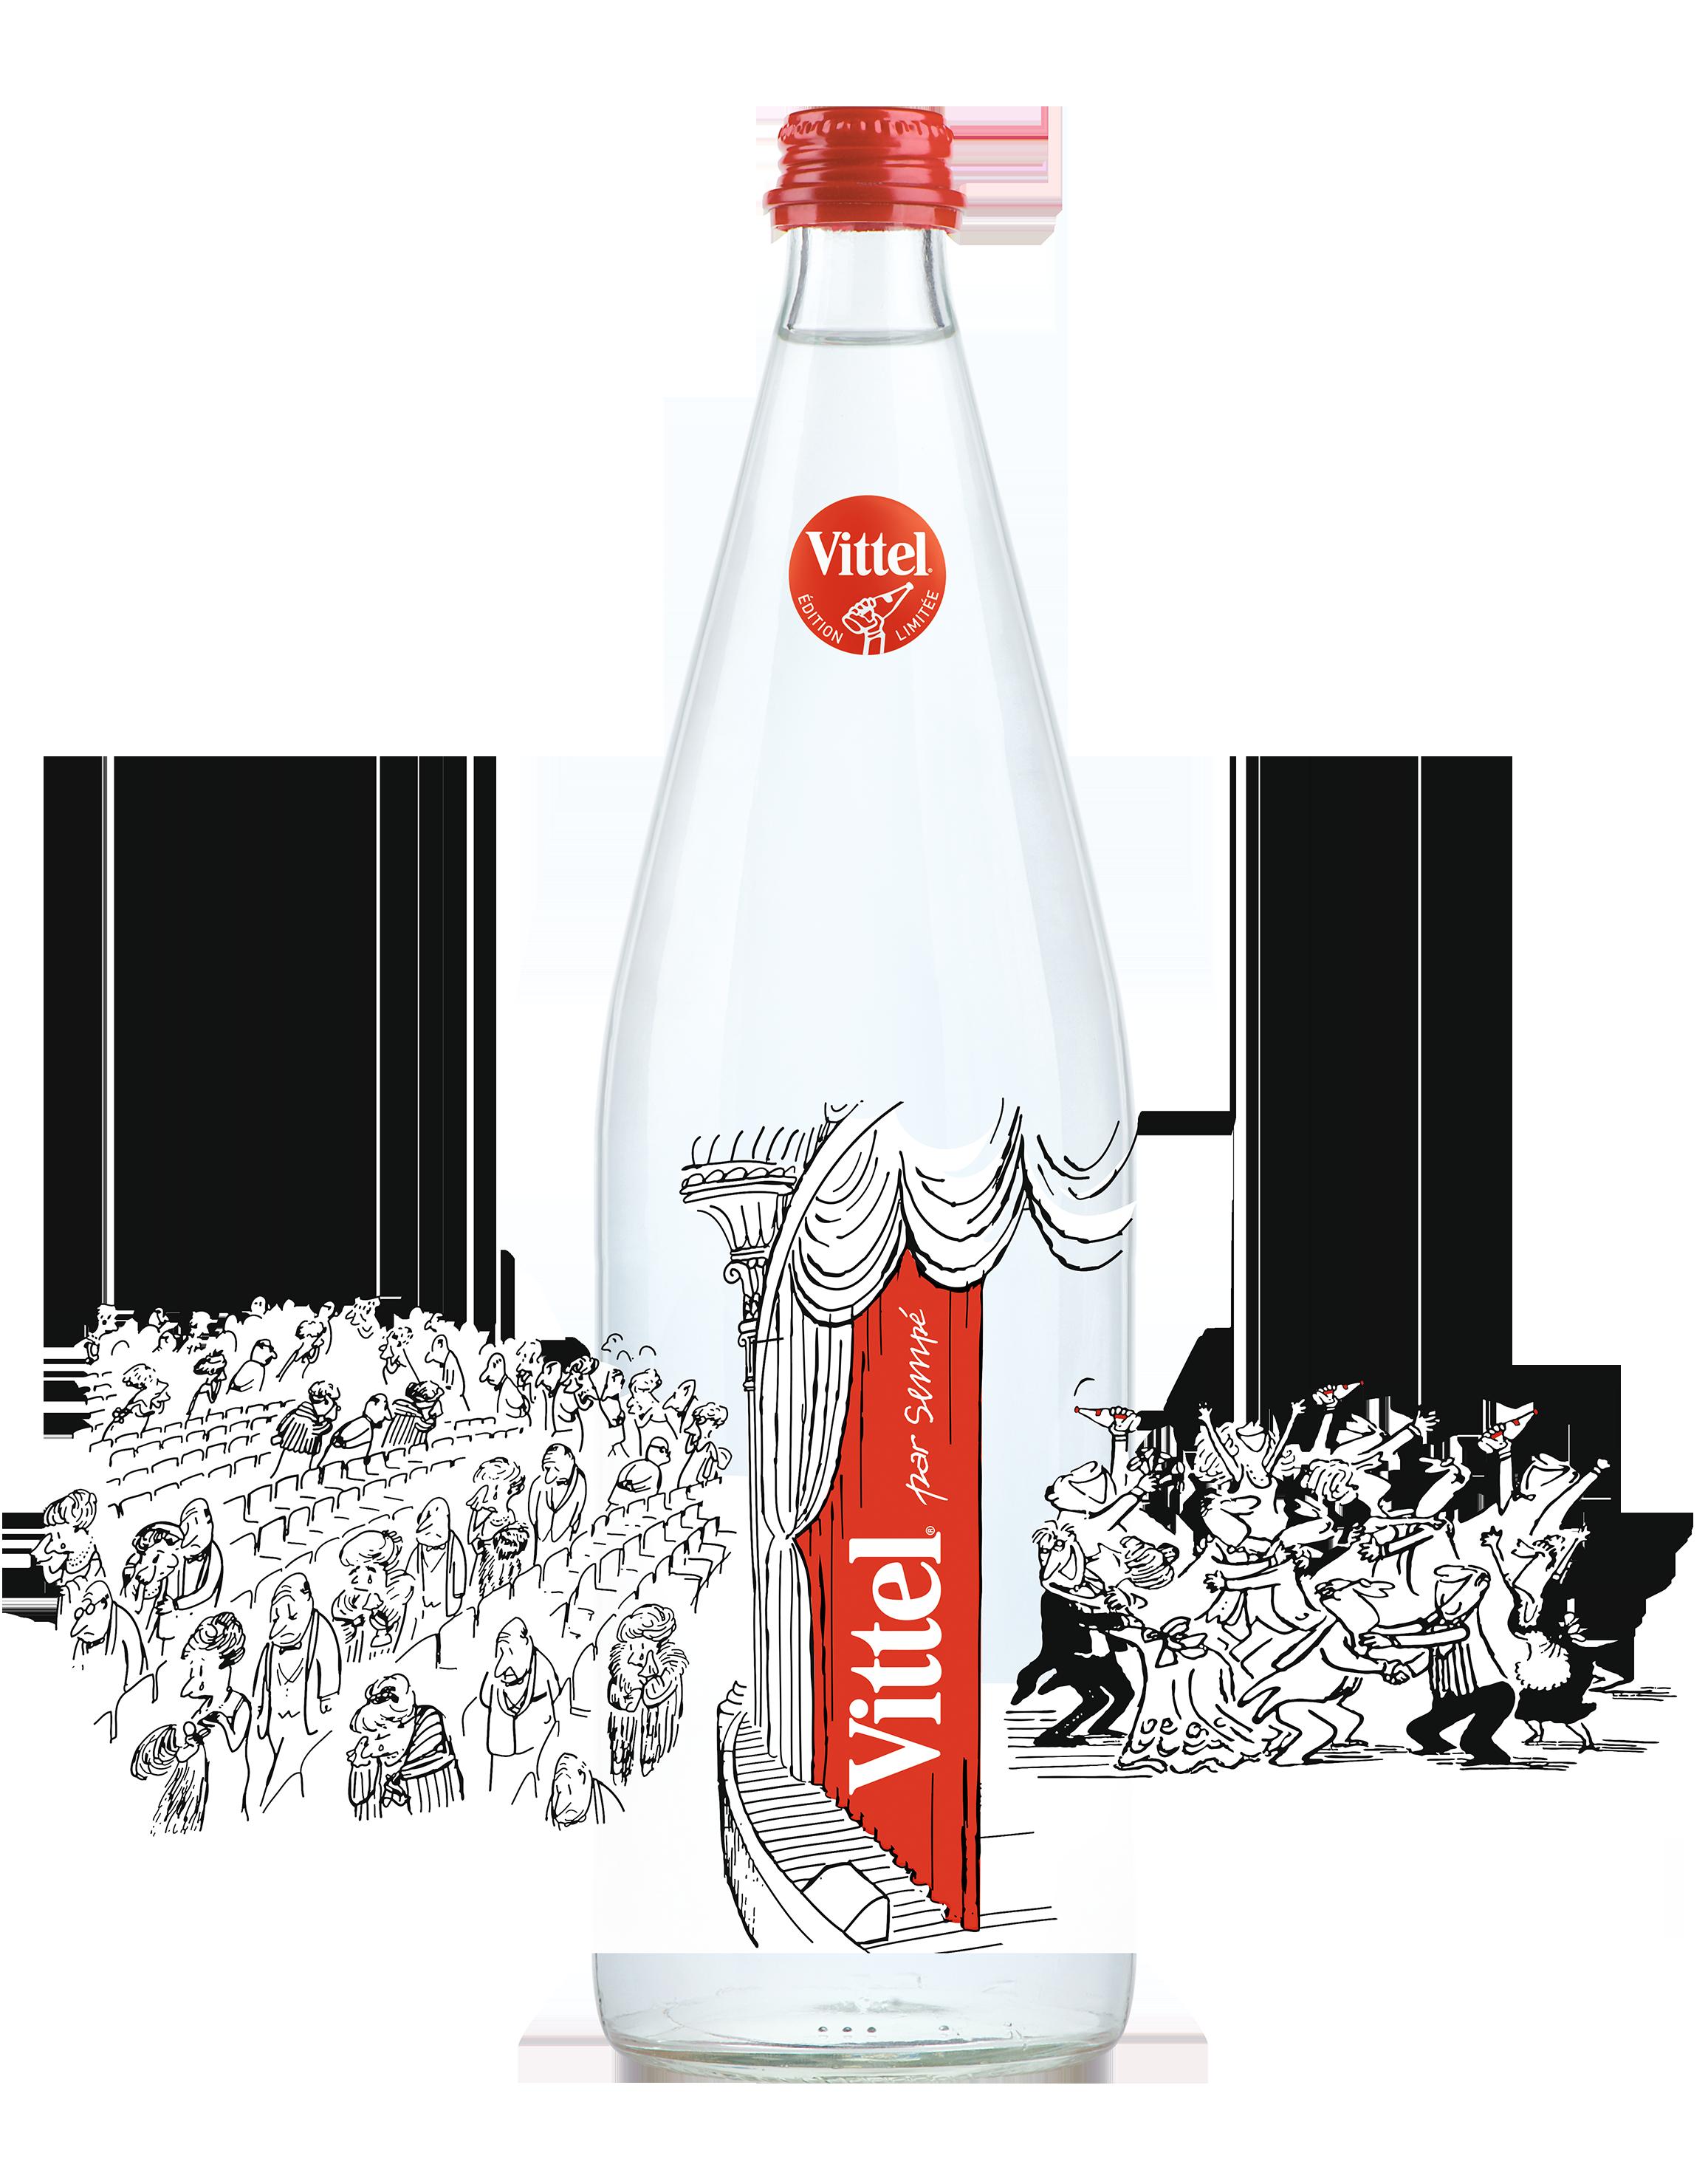 Новое оформление бутылки Vittel